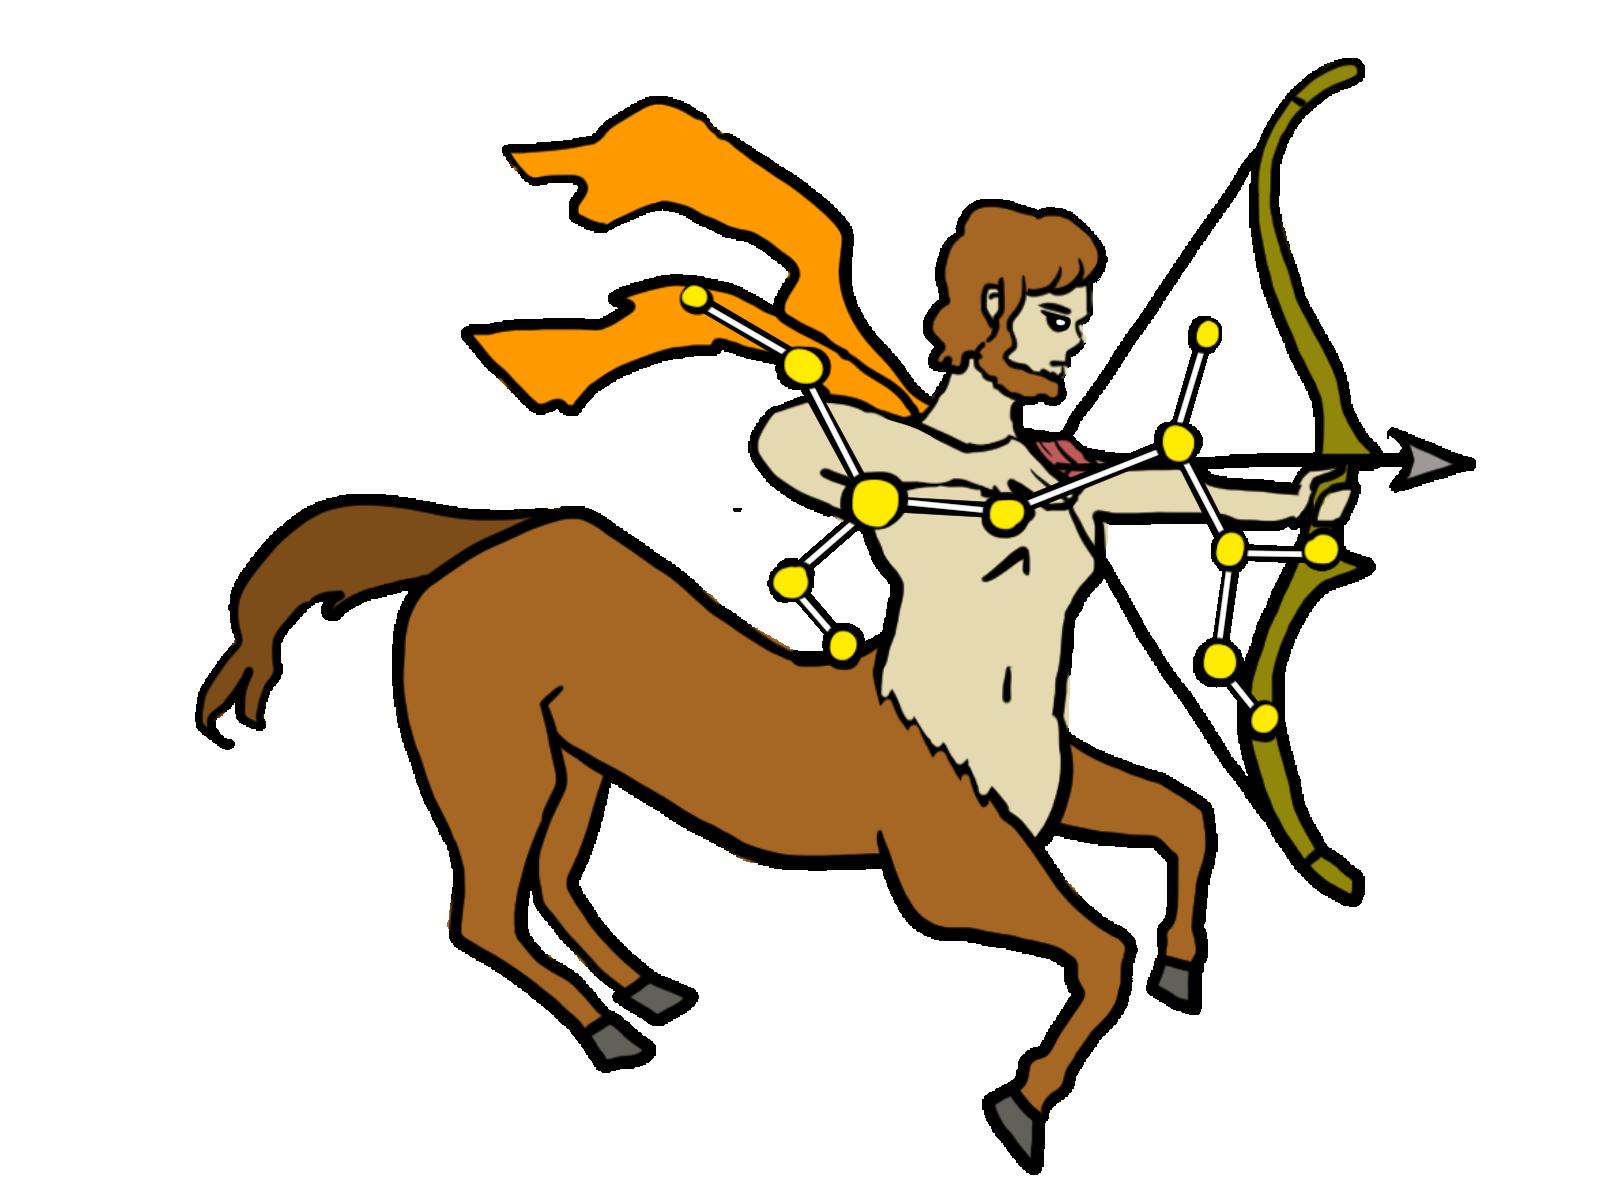 弓矢をかまえるケンタウロス、射手座。